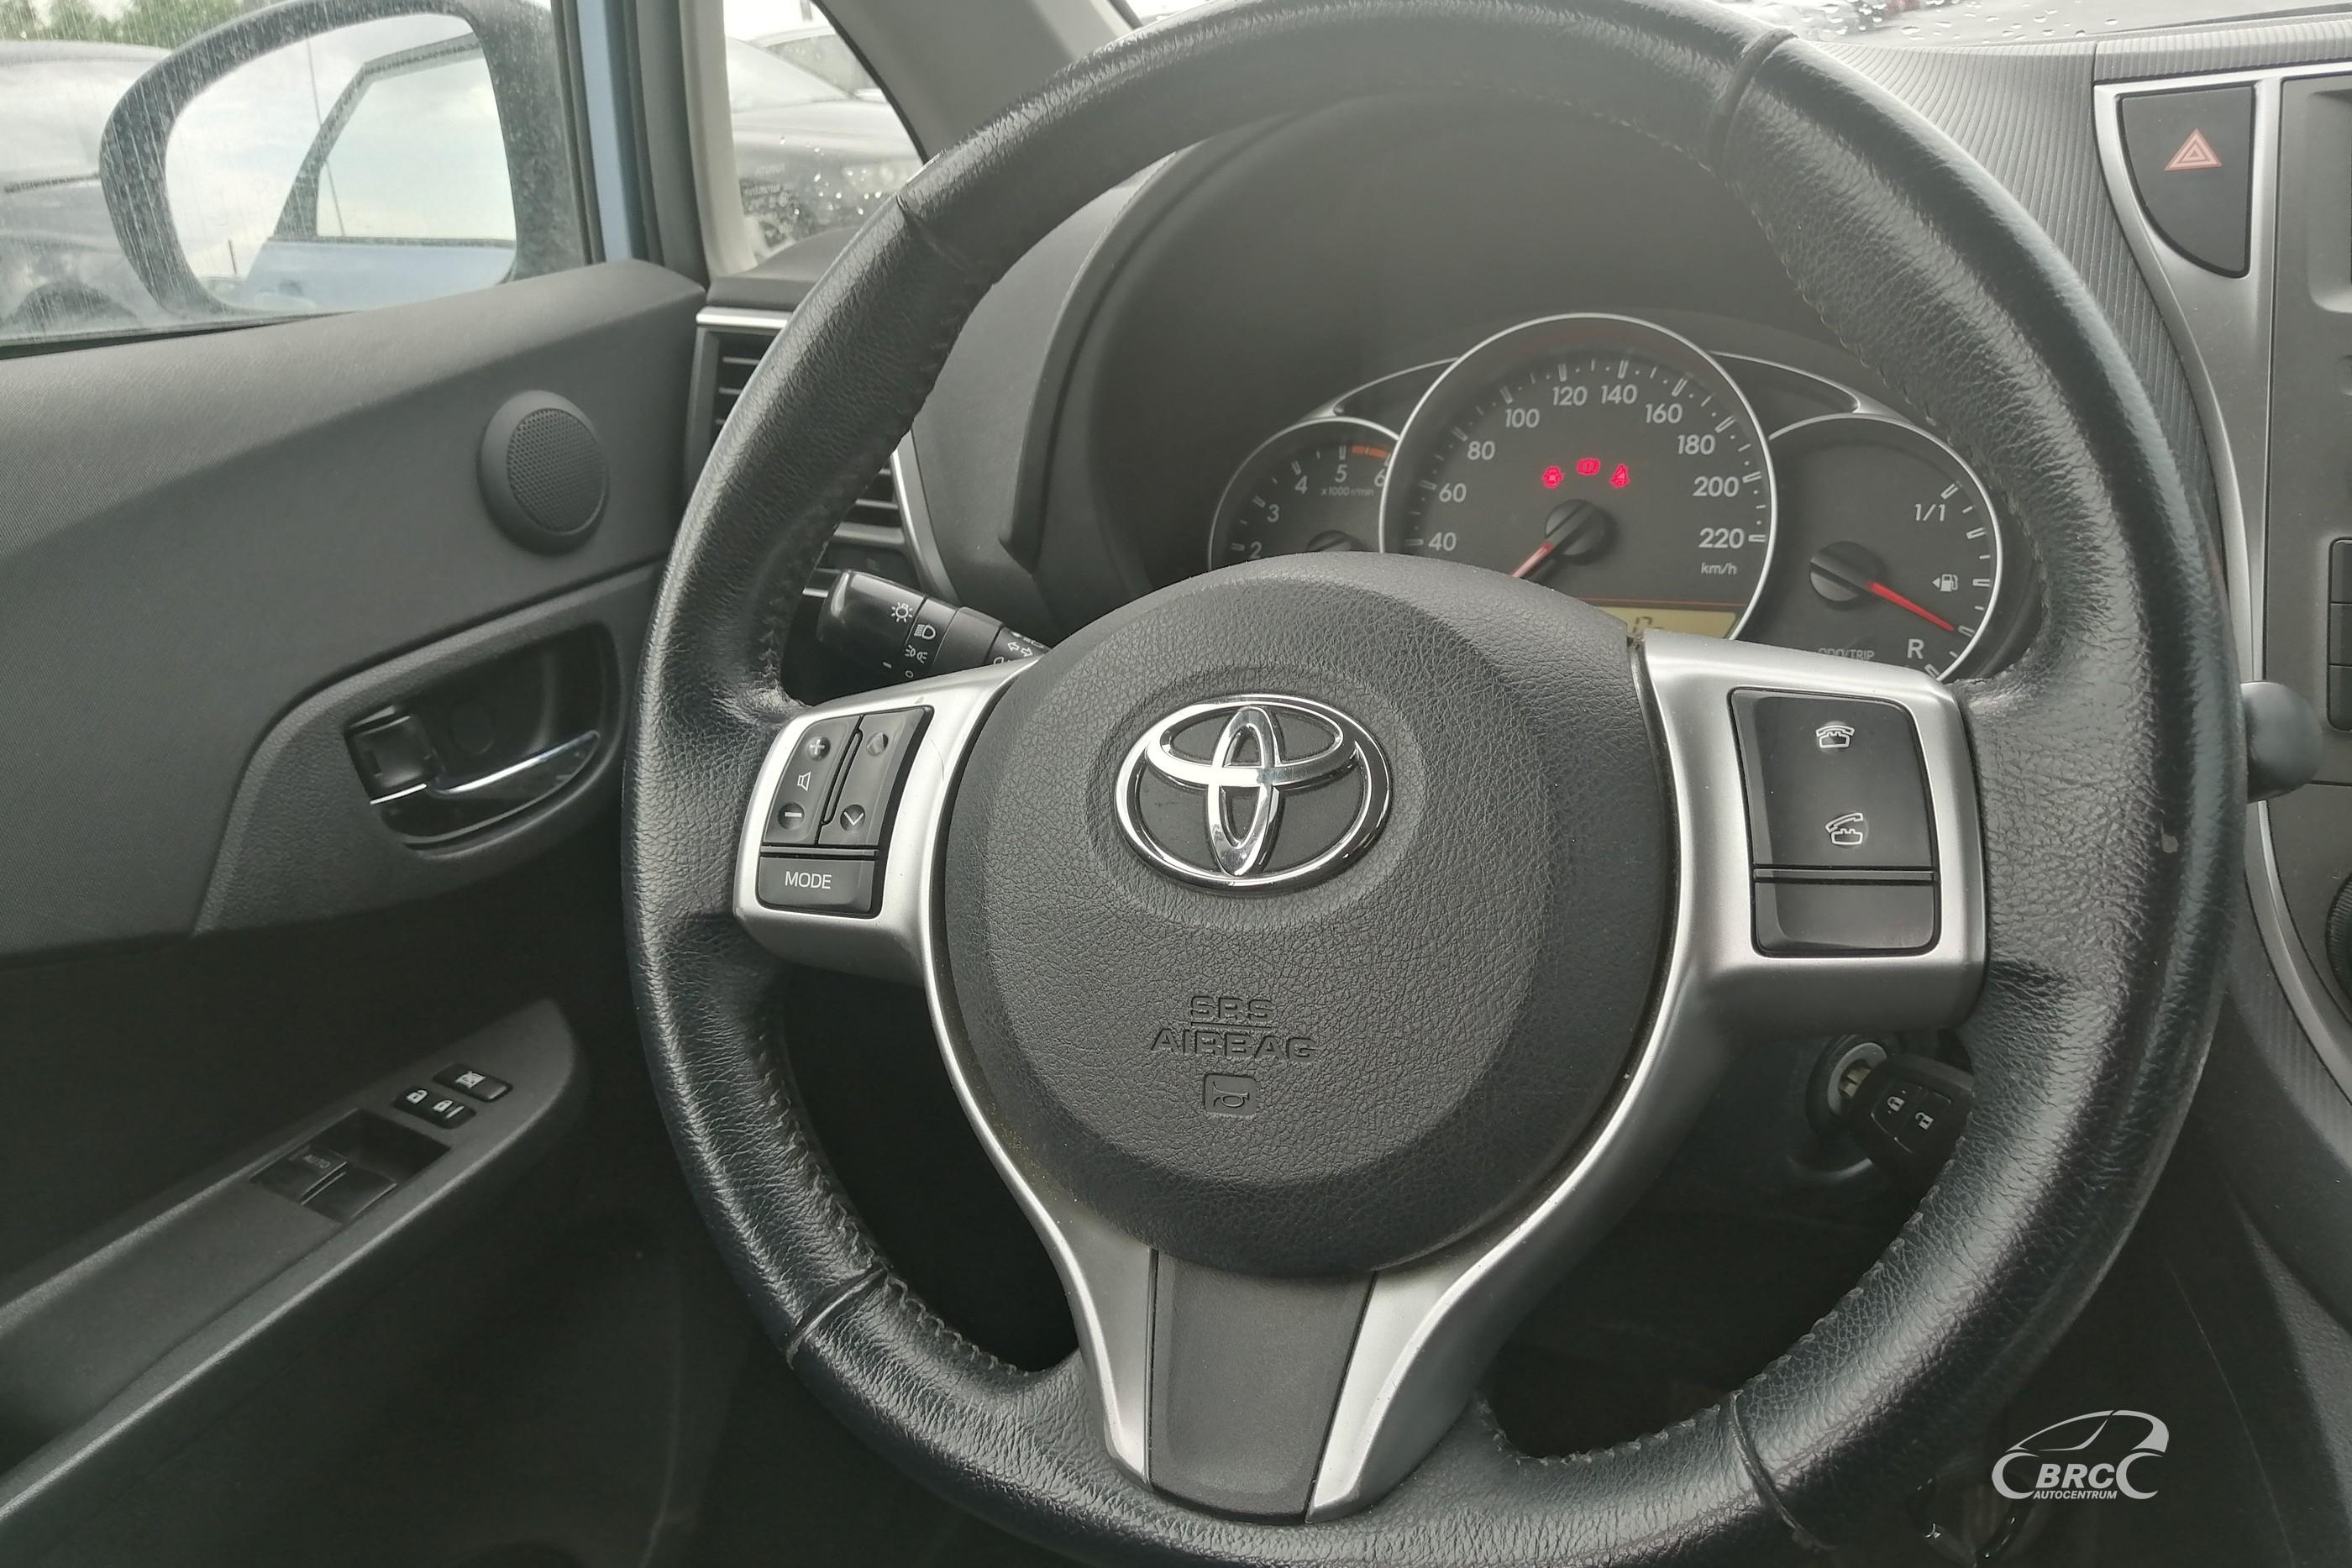 Toyota Verso-S 1.4 D-4D